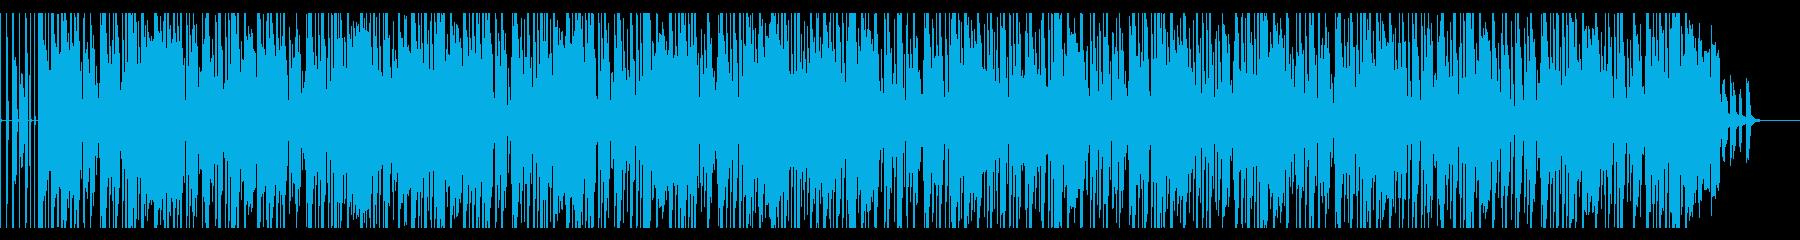 【短いVer5】70年代ファンクロック風の再生済みの波形